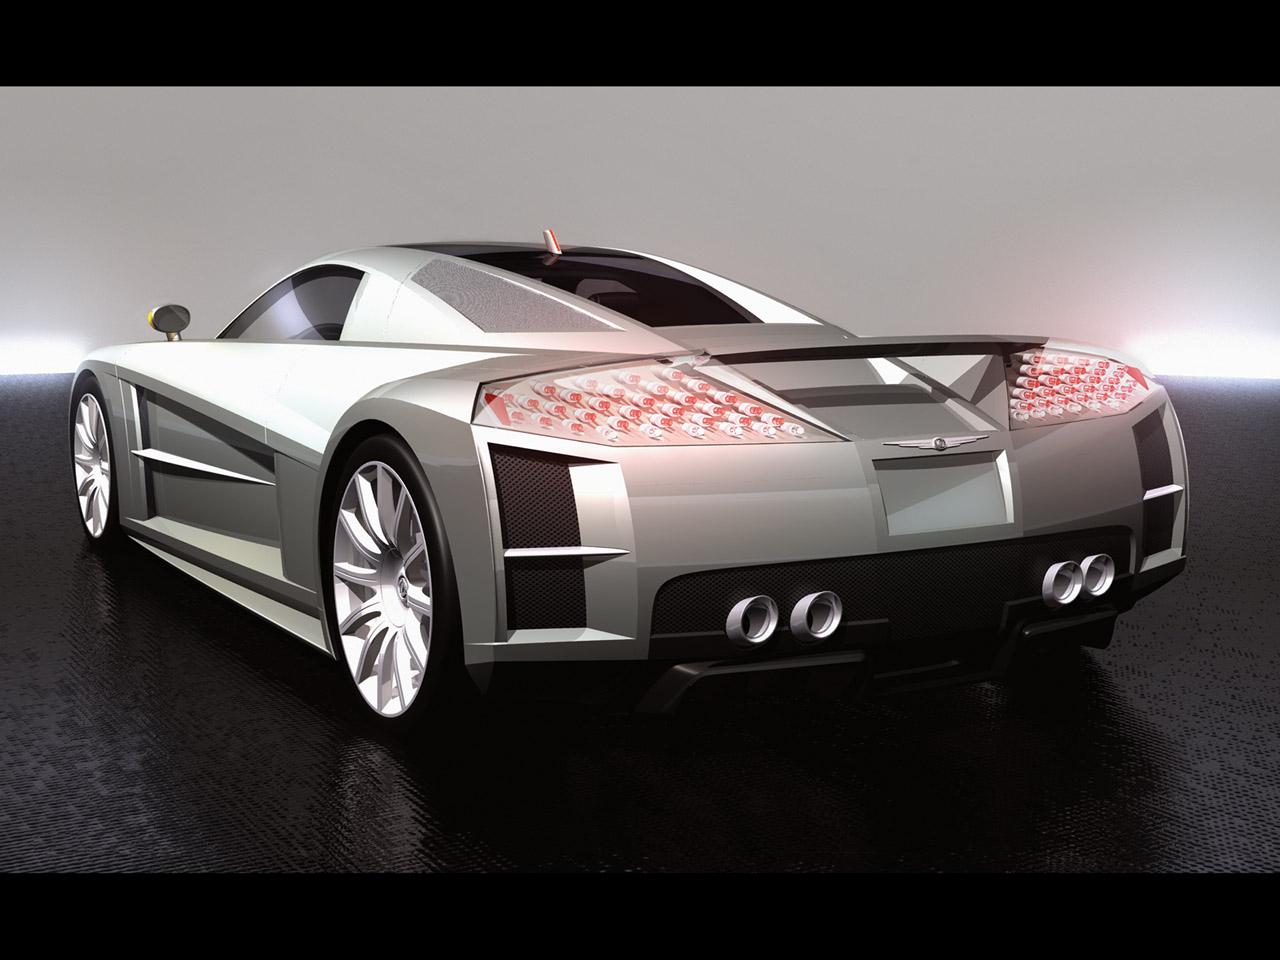 fast concept supercars chrysler me four twelve. Black Bedroom Furniture Sets. Home Design Ideas